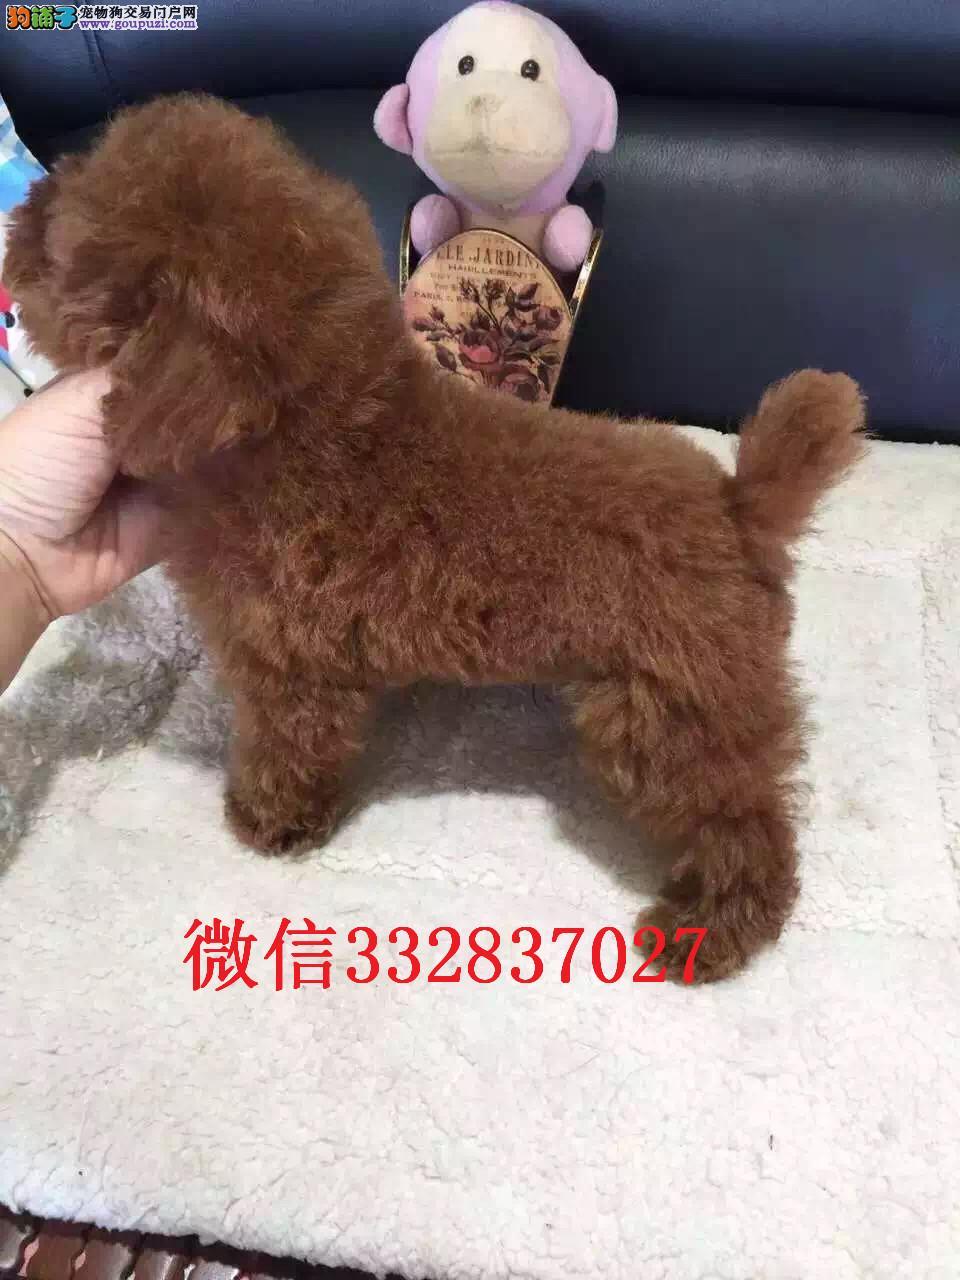 天津和平区哪里有贵宾出售 贵宾幼犬多少钱 贵宾价格